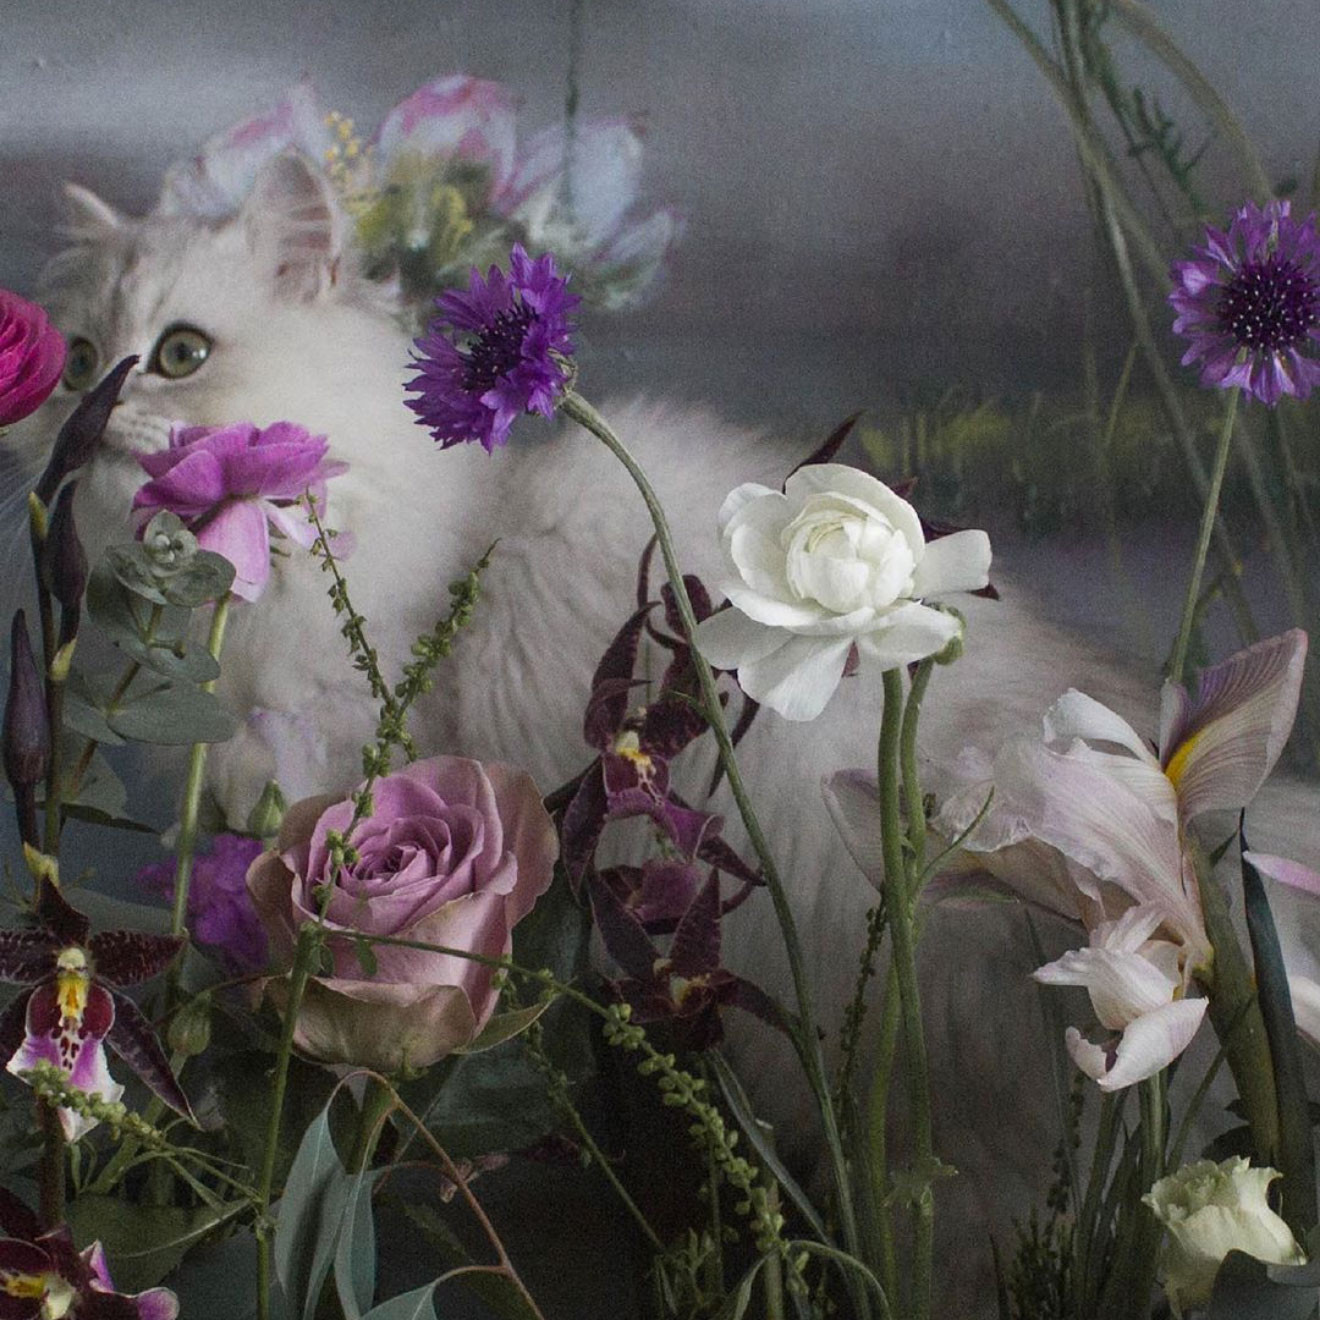 花藝設計、空間佈置與造景的創作者